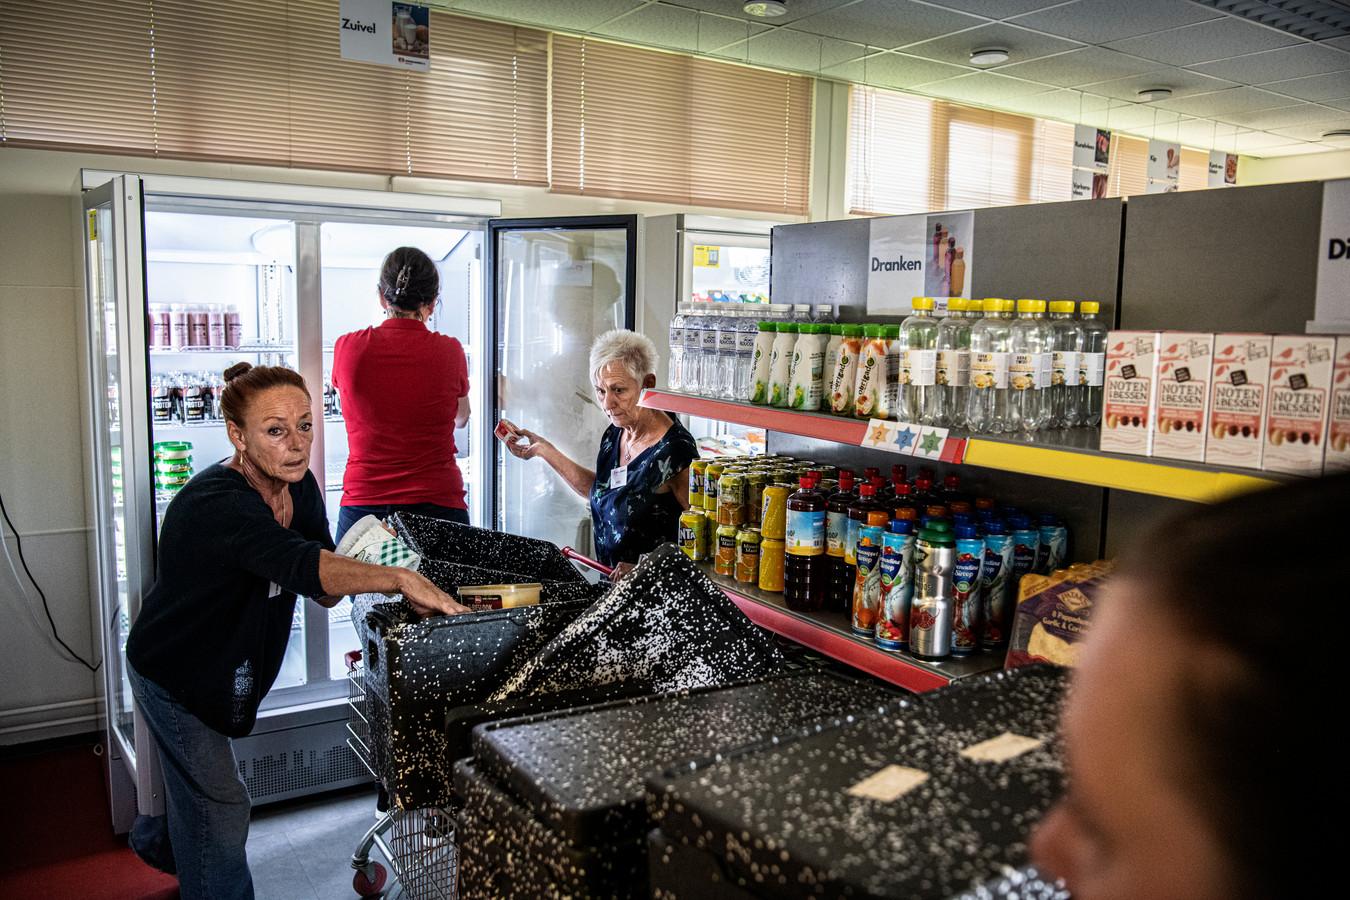 Al 35 gezinnen maken gebruik van de voedselbank in Druten. Het aantal klanten ligt, tweeënhalve maand na de opening, hoger dan de initiatiefnemers hadden verwacht.